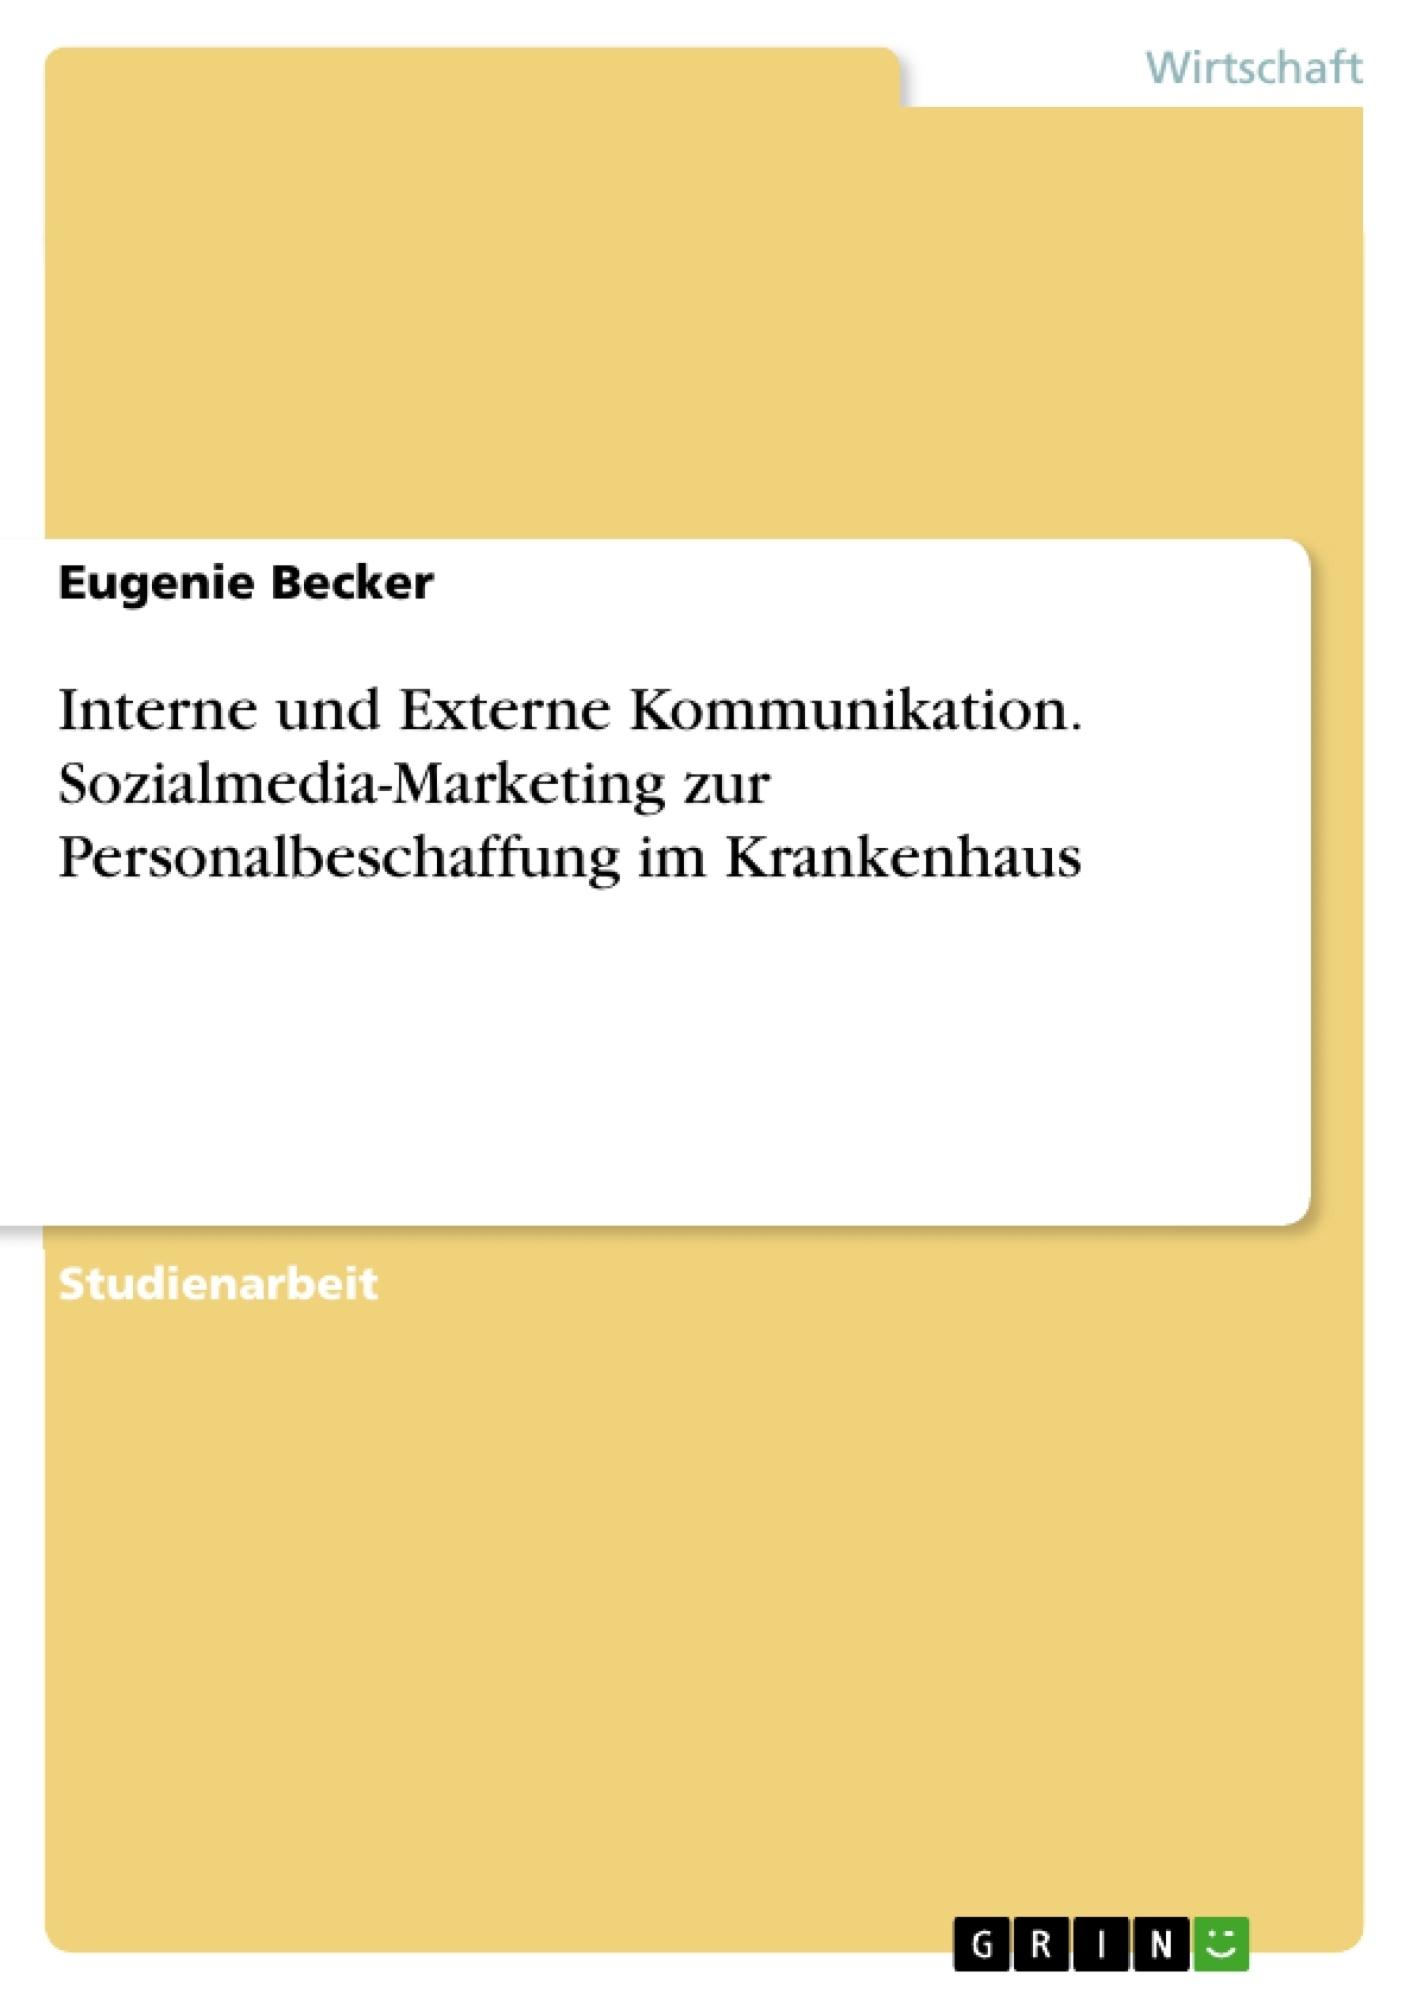 Titel: Interne und Externe Kommunikation. Sozialmedia-Marketing zur Personalbeschaffung im Krankenhaus